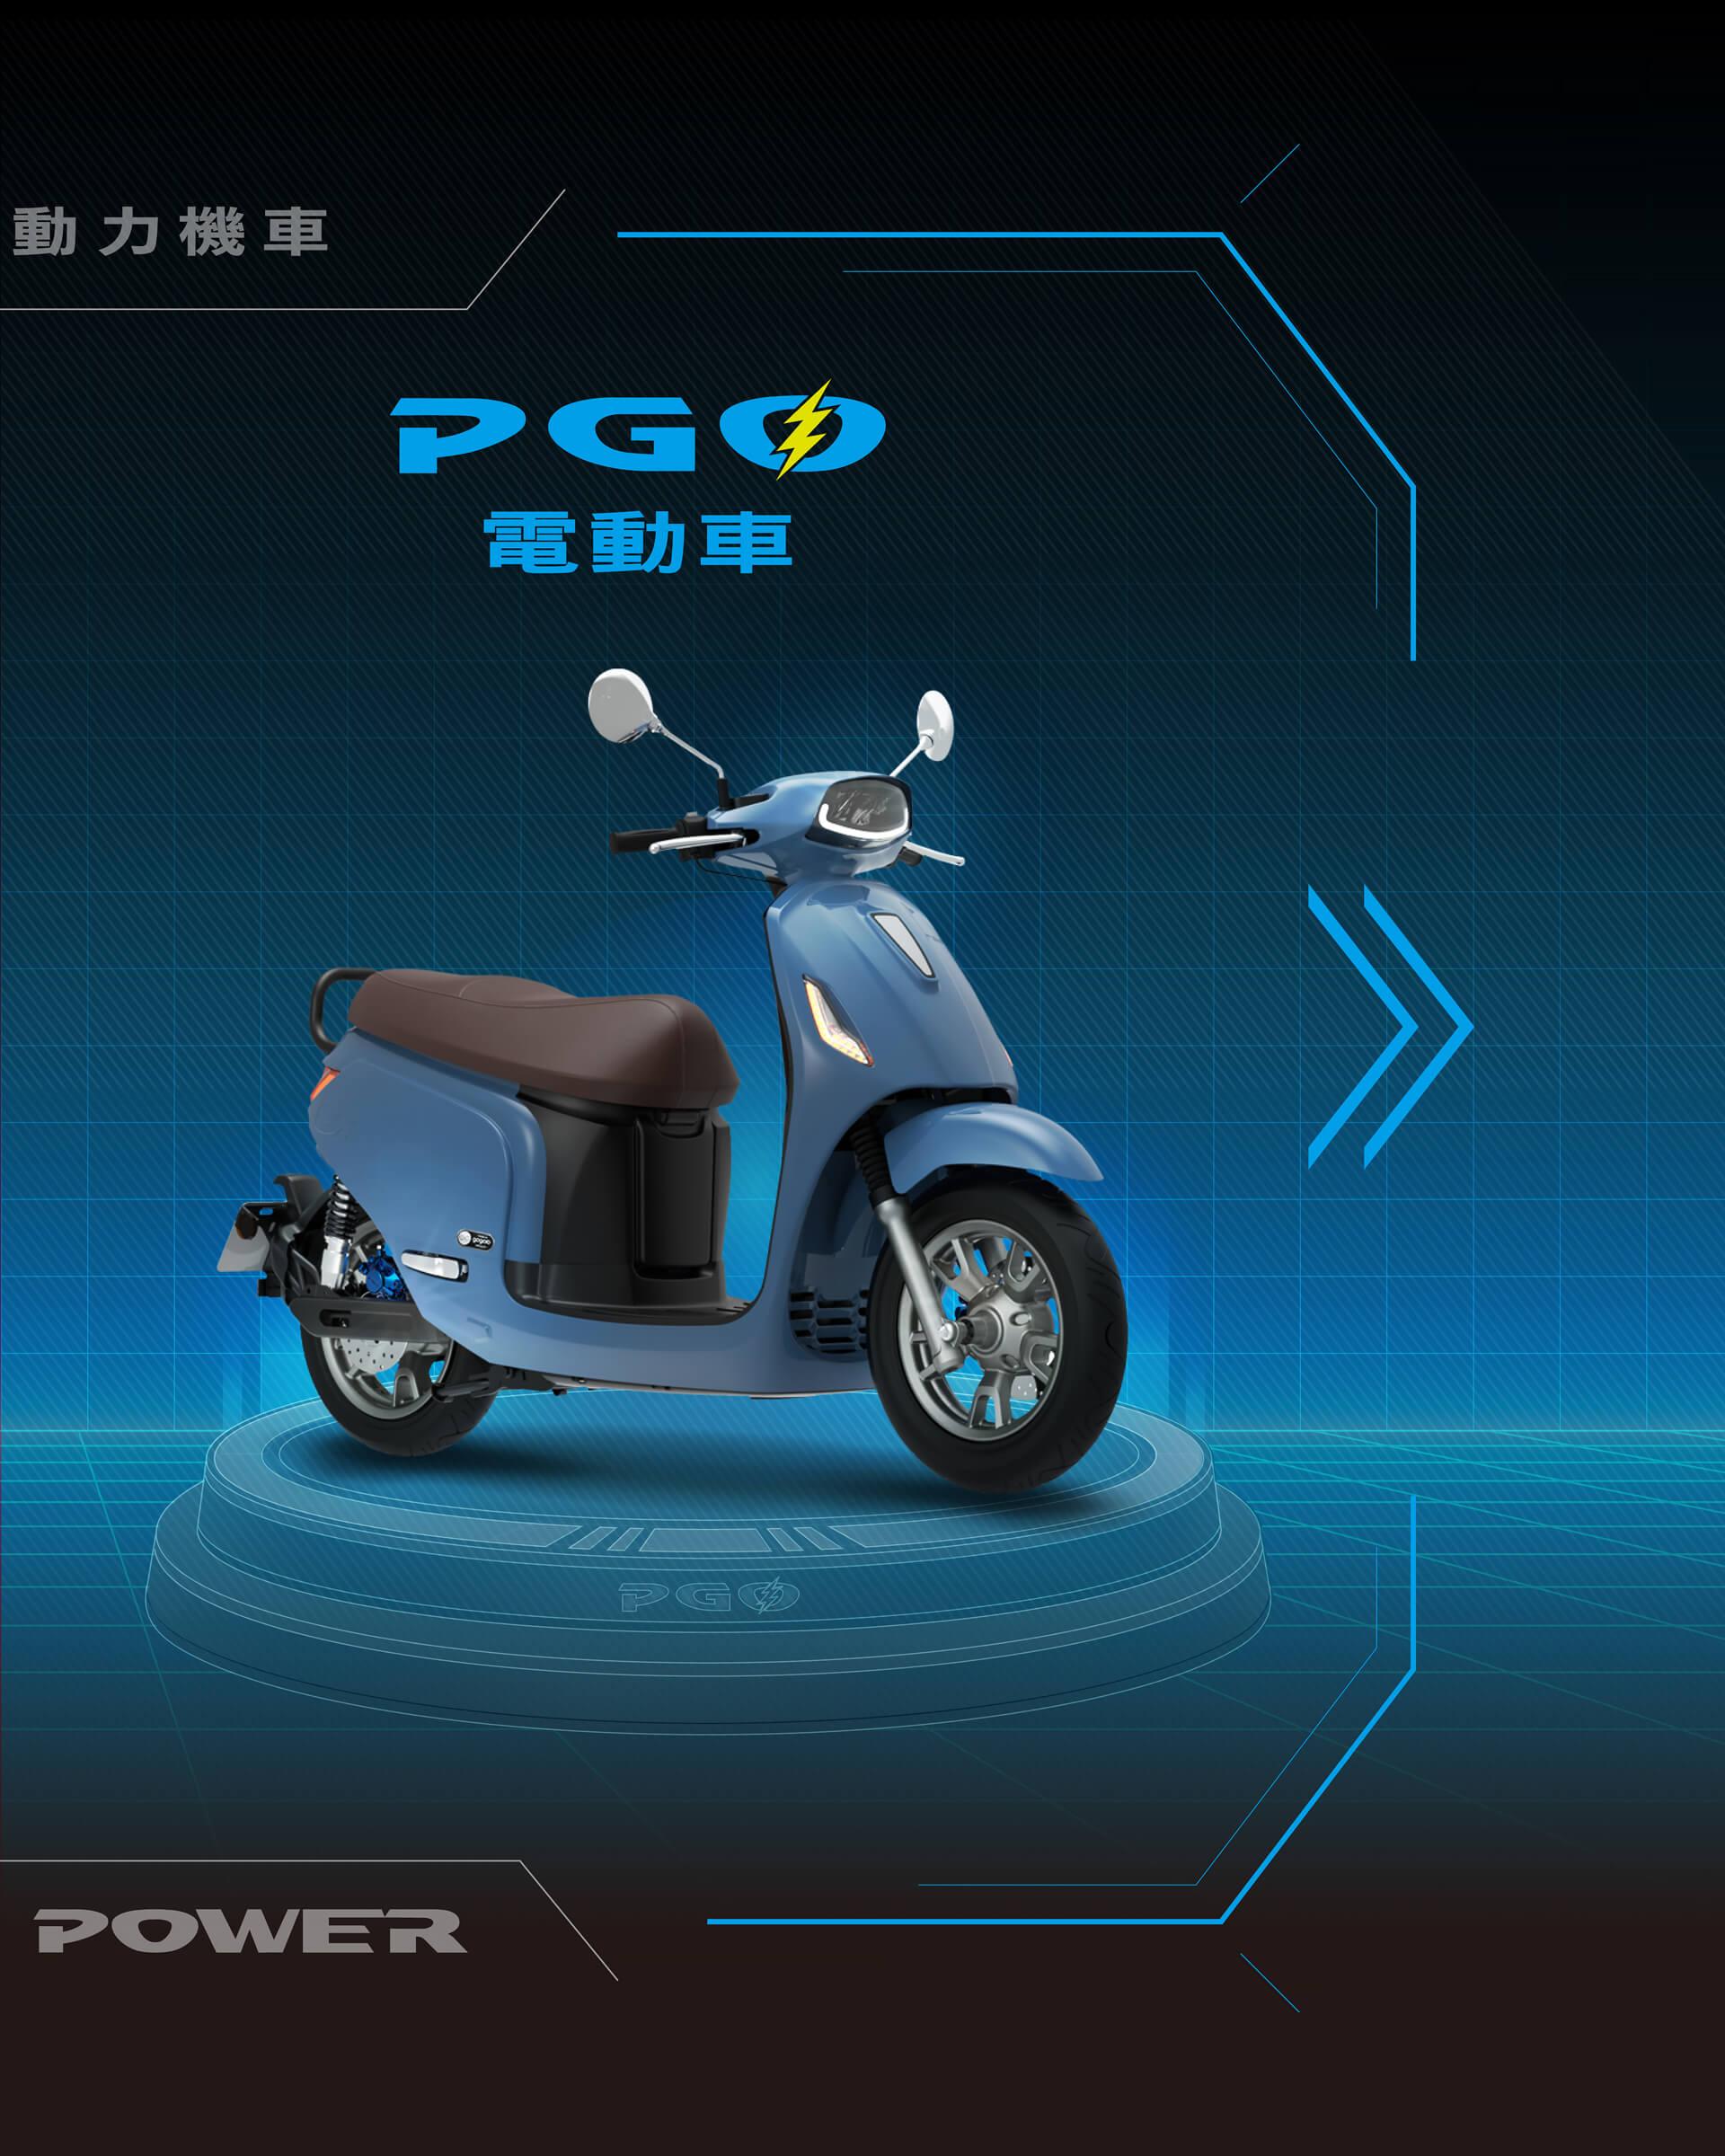 PGO 電動車